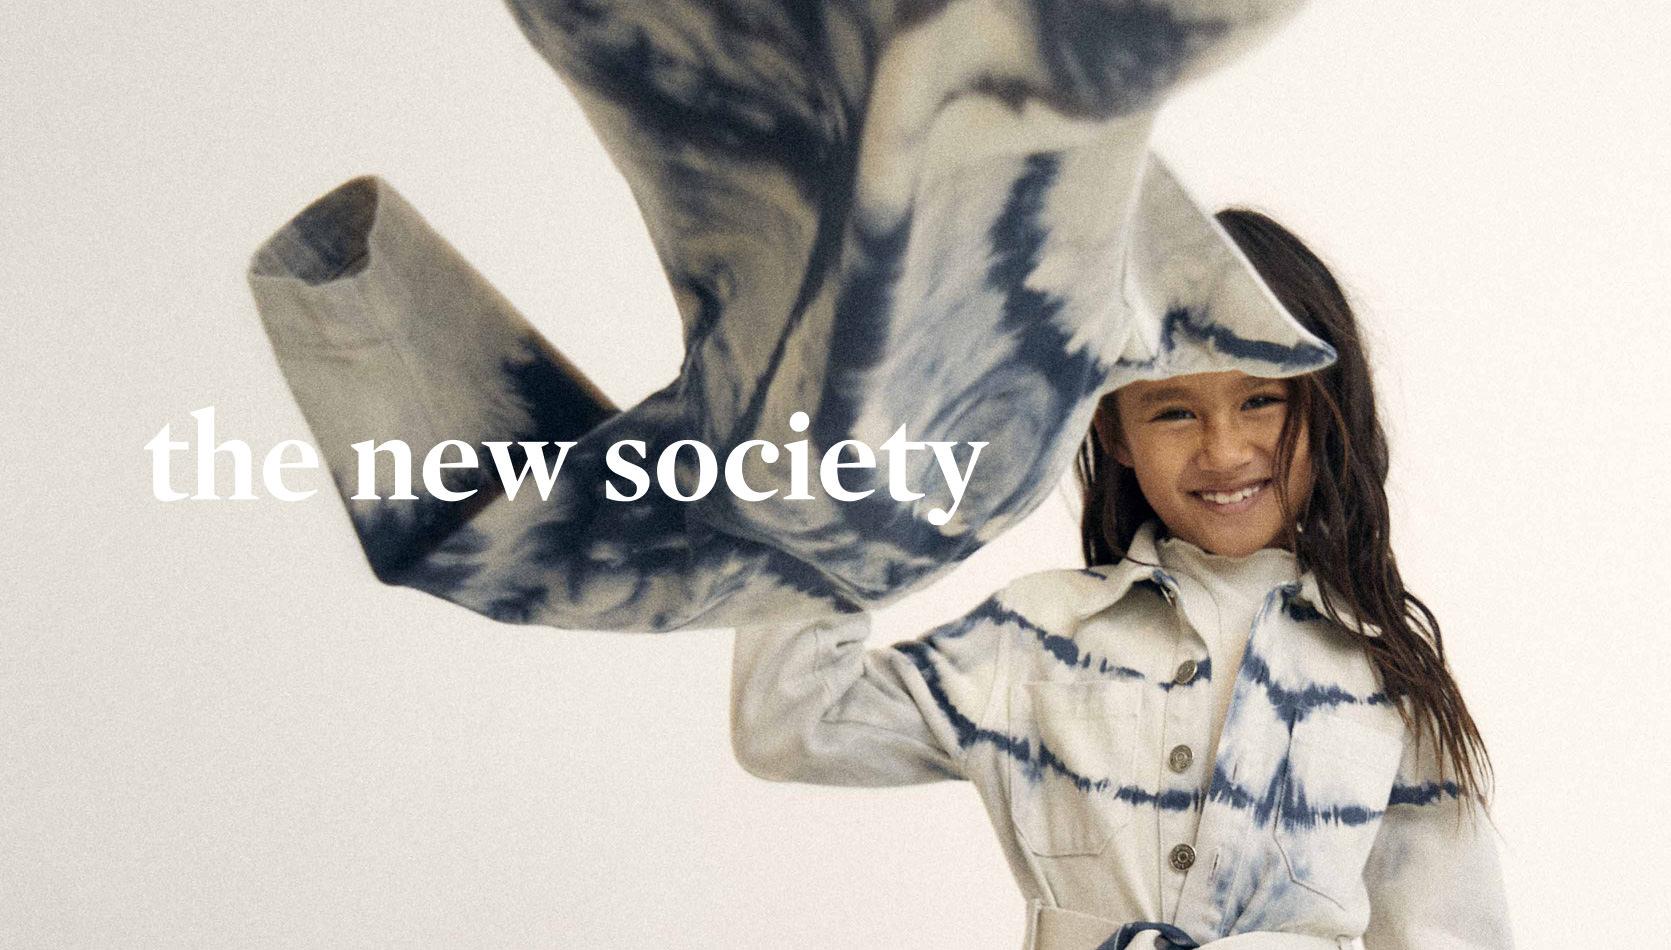 the new society ザ ニュー ソサイエティ